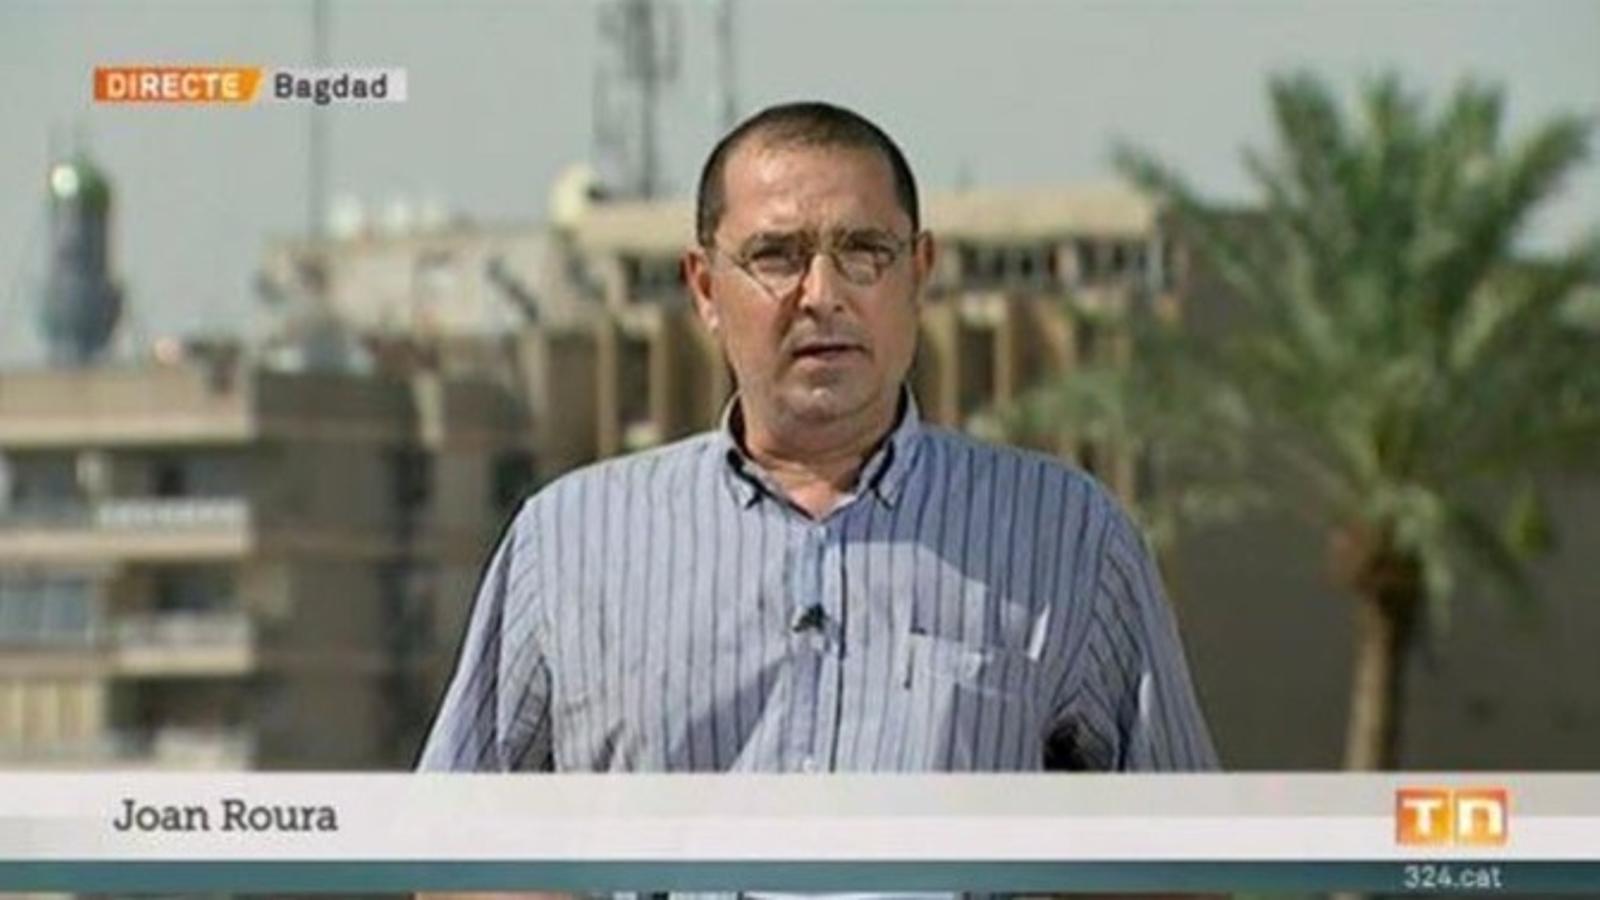 Joan Roura ha cobert els principals conflictes de l'Orient Mitjà